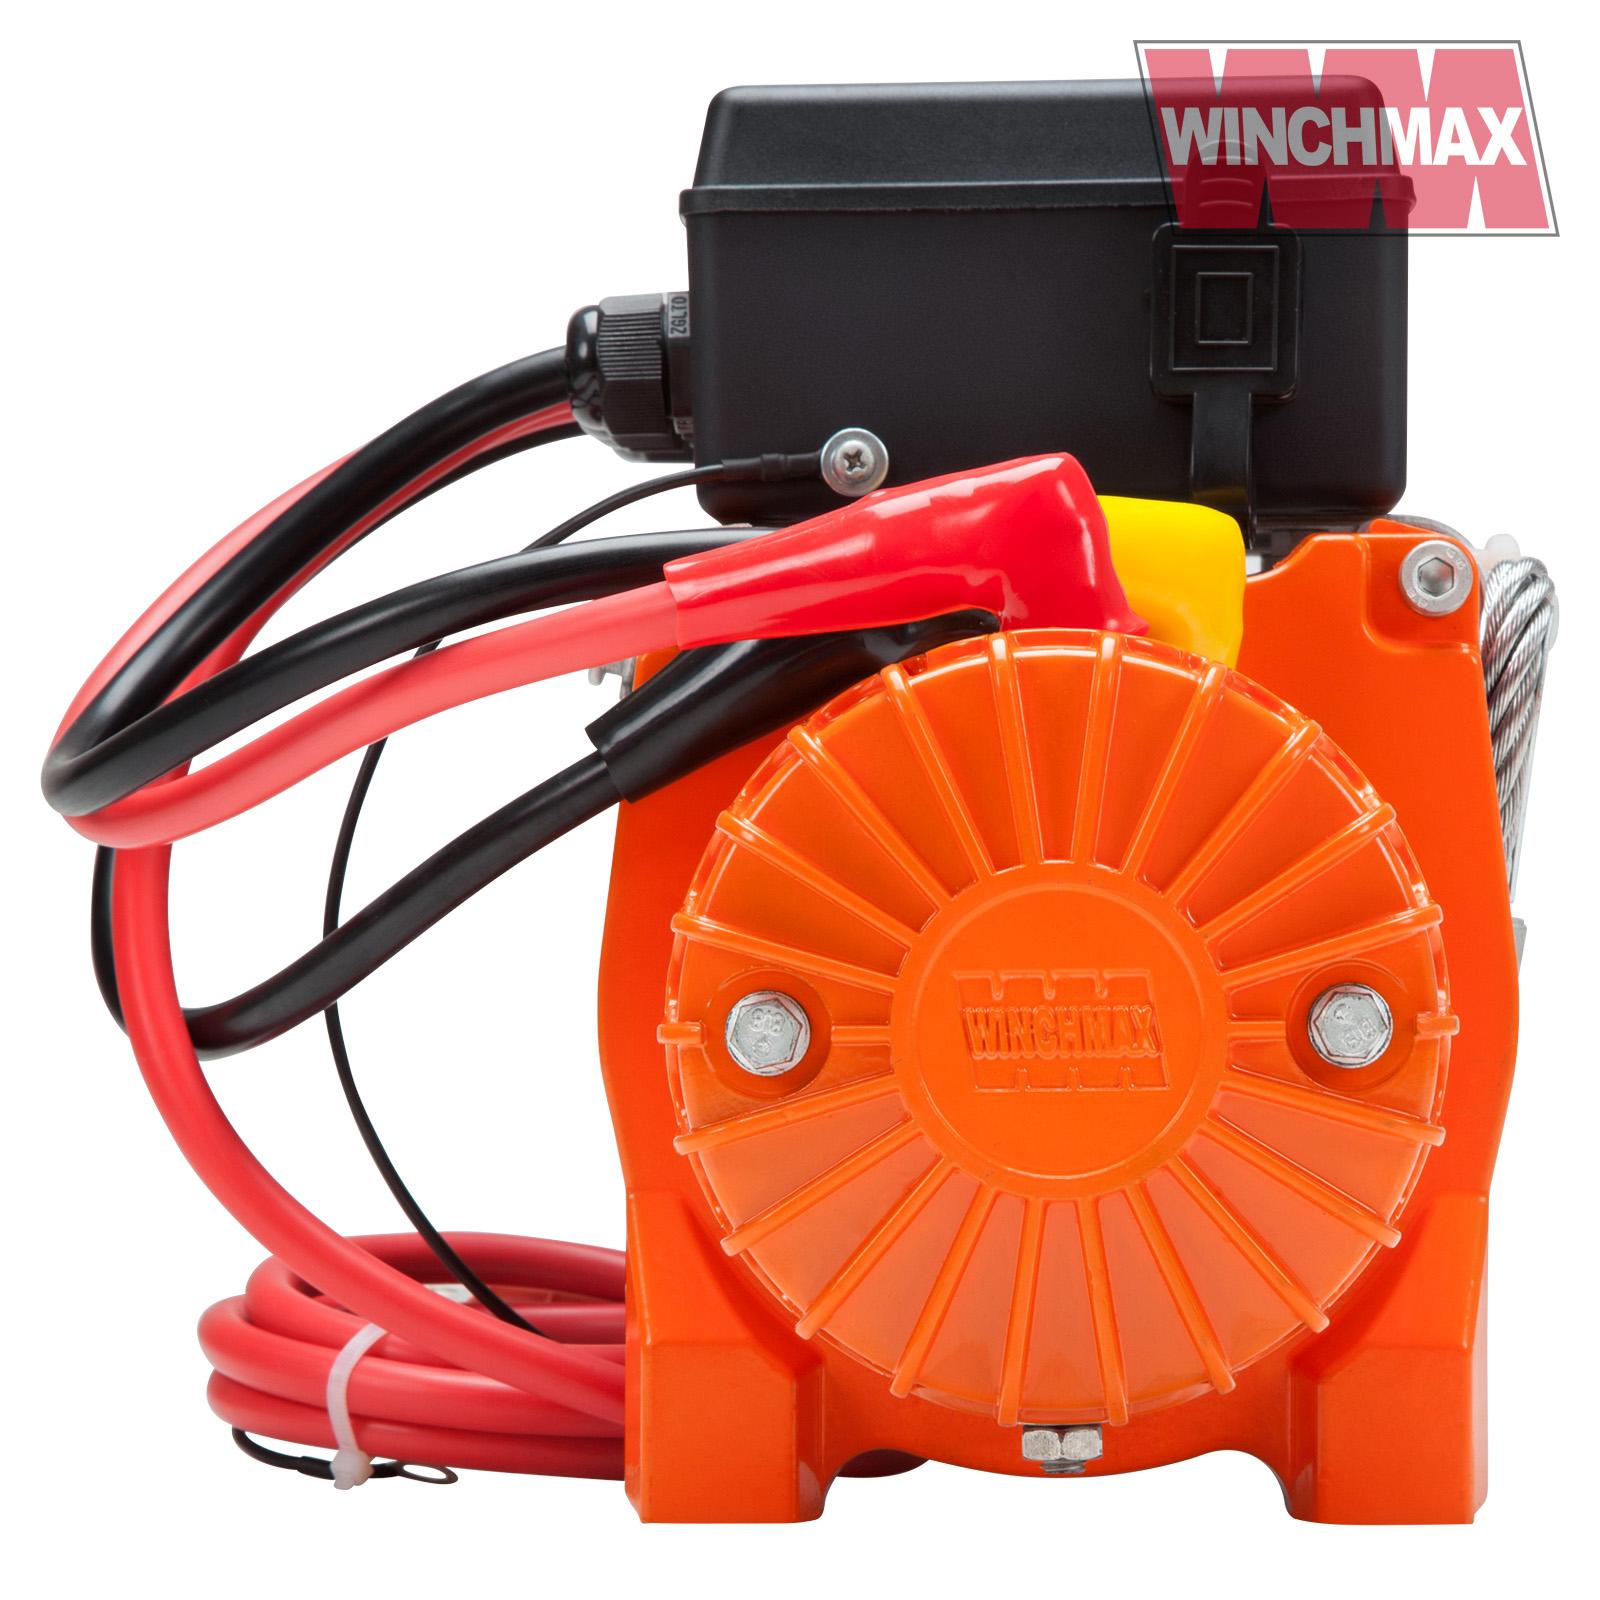 Wm1350012v winchmax 537